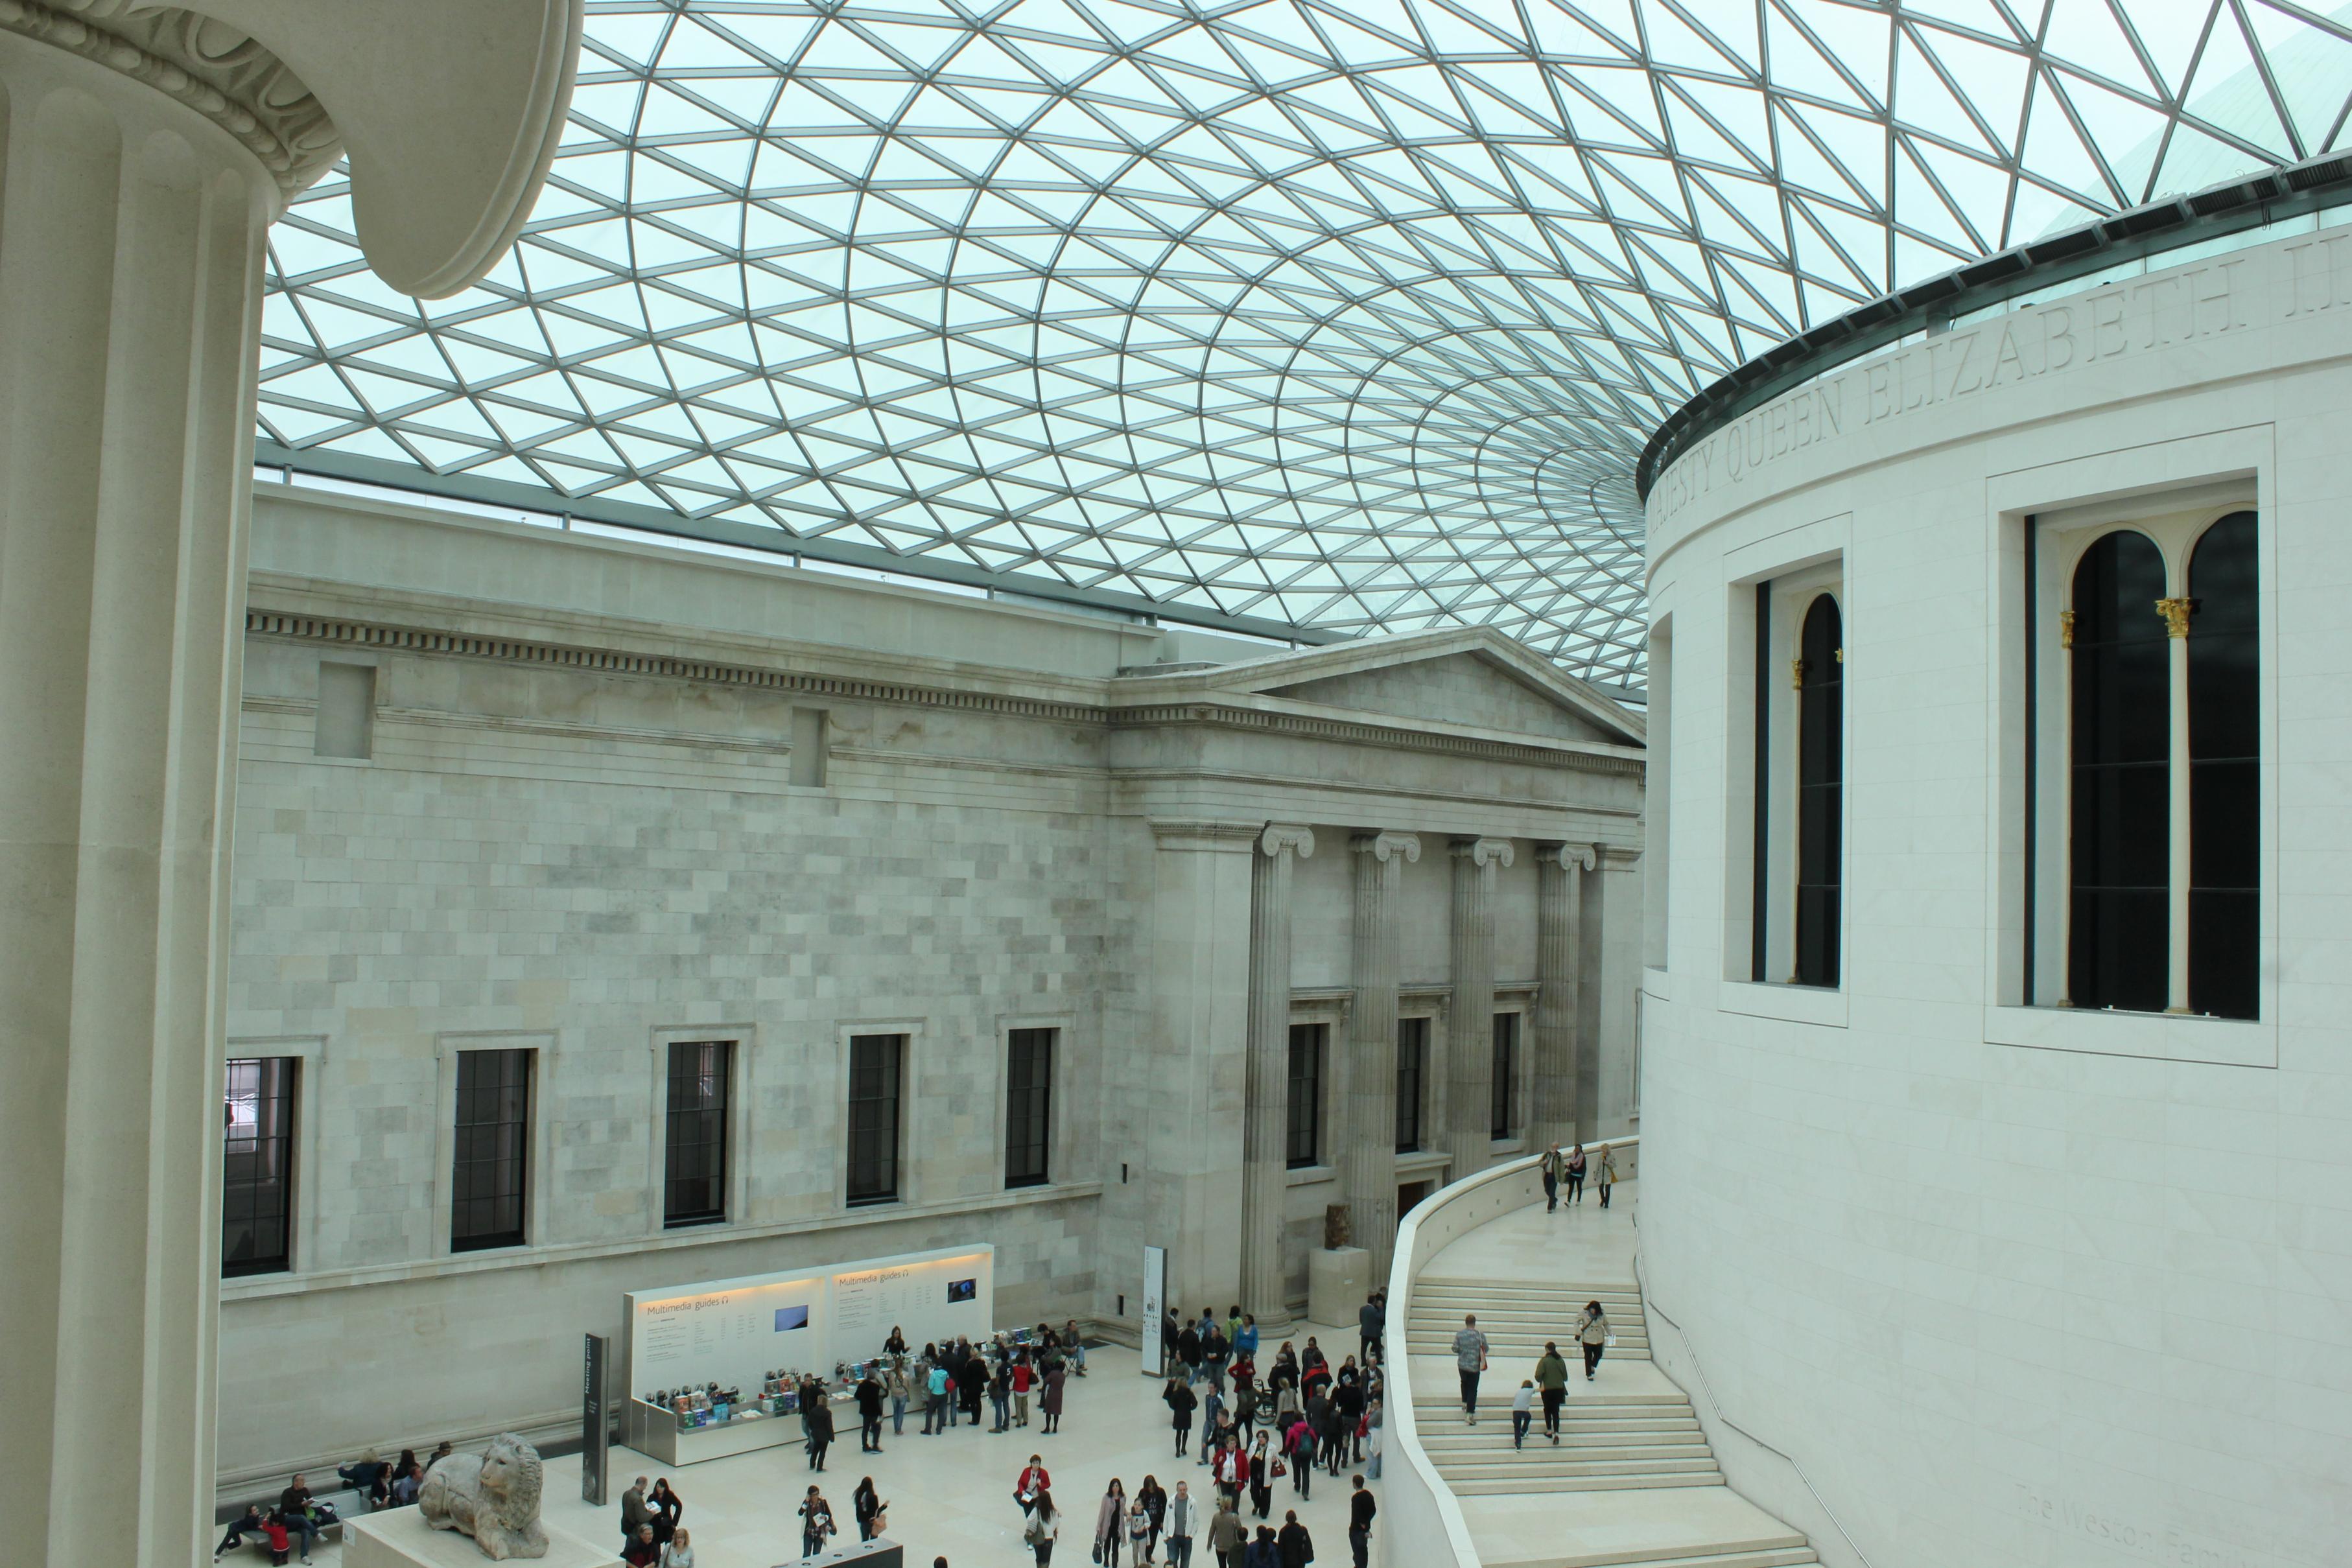 Cenários-e-Museu-de-Sherlock-Holmes-em-Londres-BRITISH-MUSEUM Cenários e Museu de Sherlock Holmes em Londres